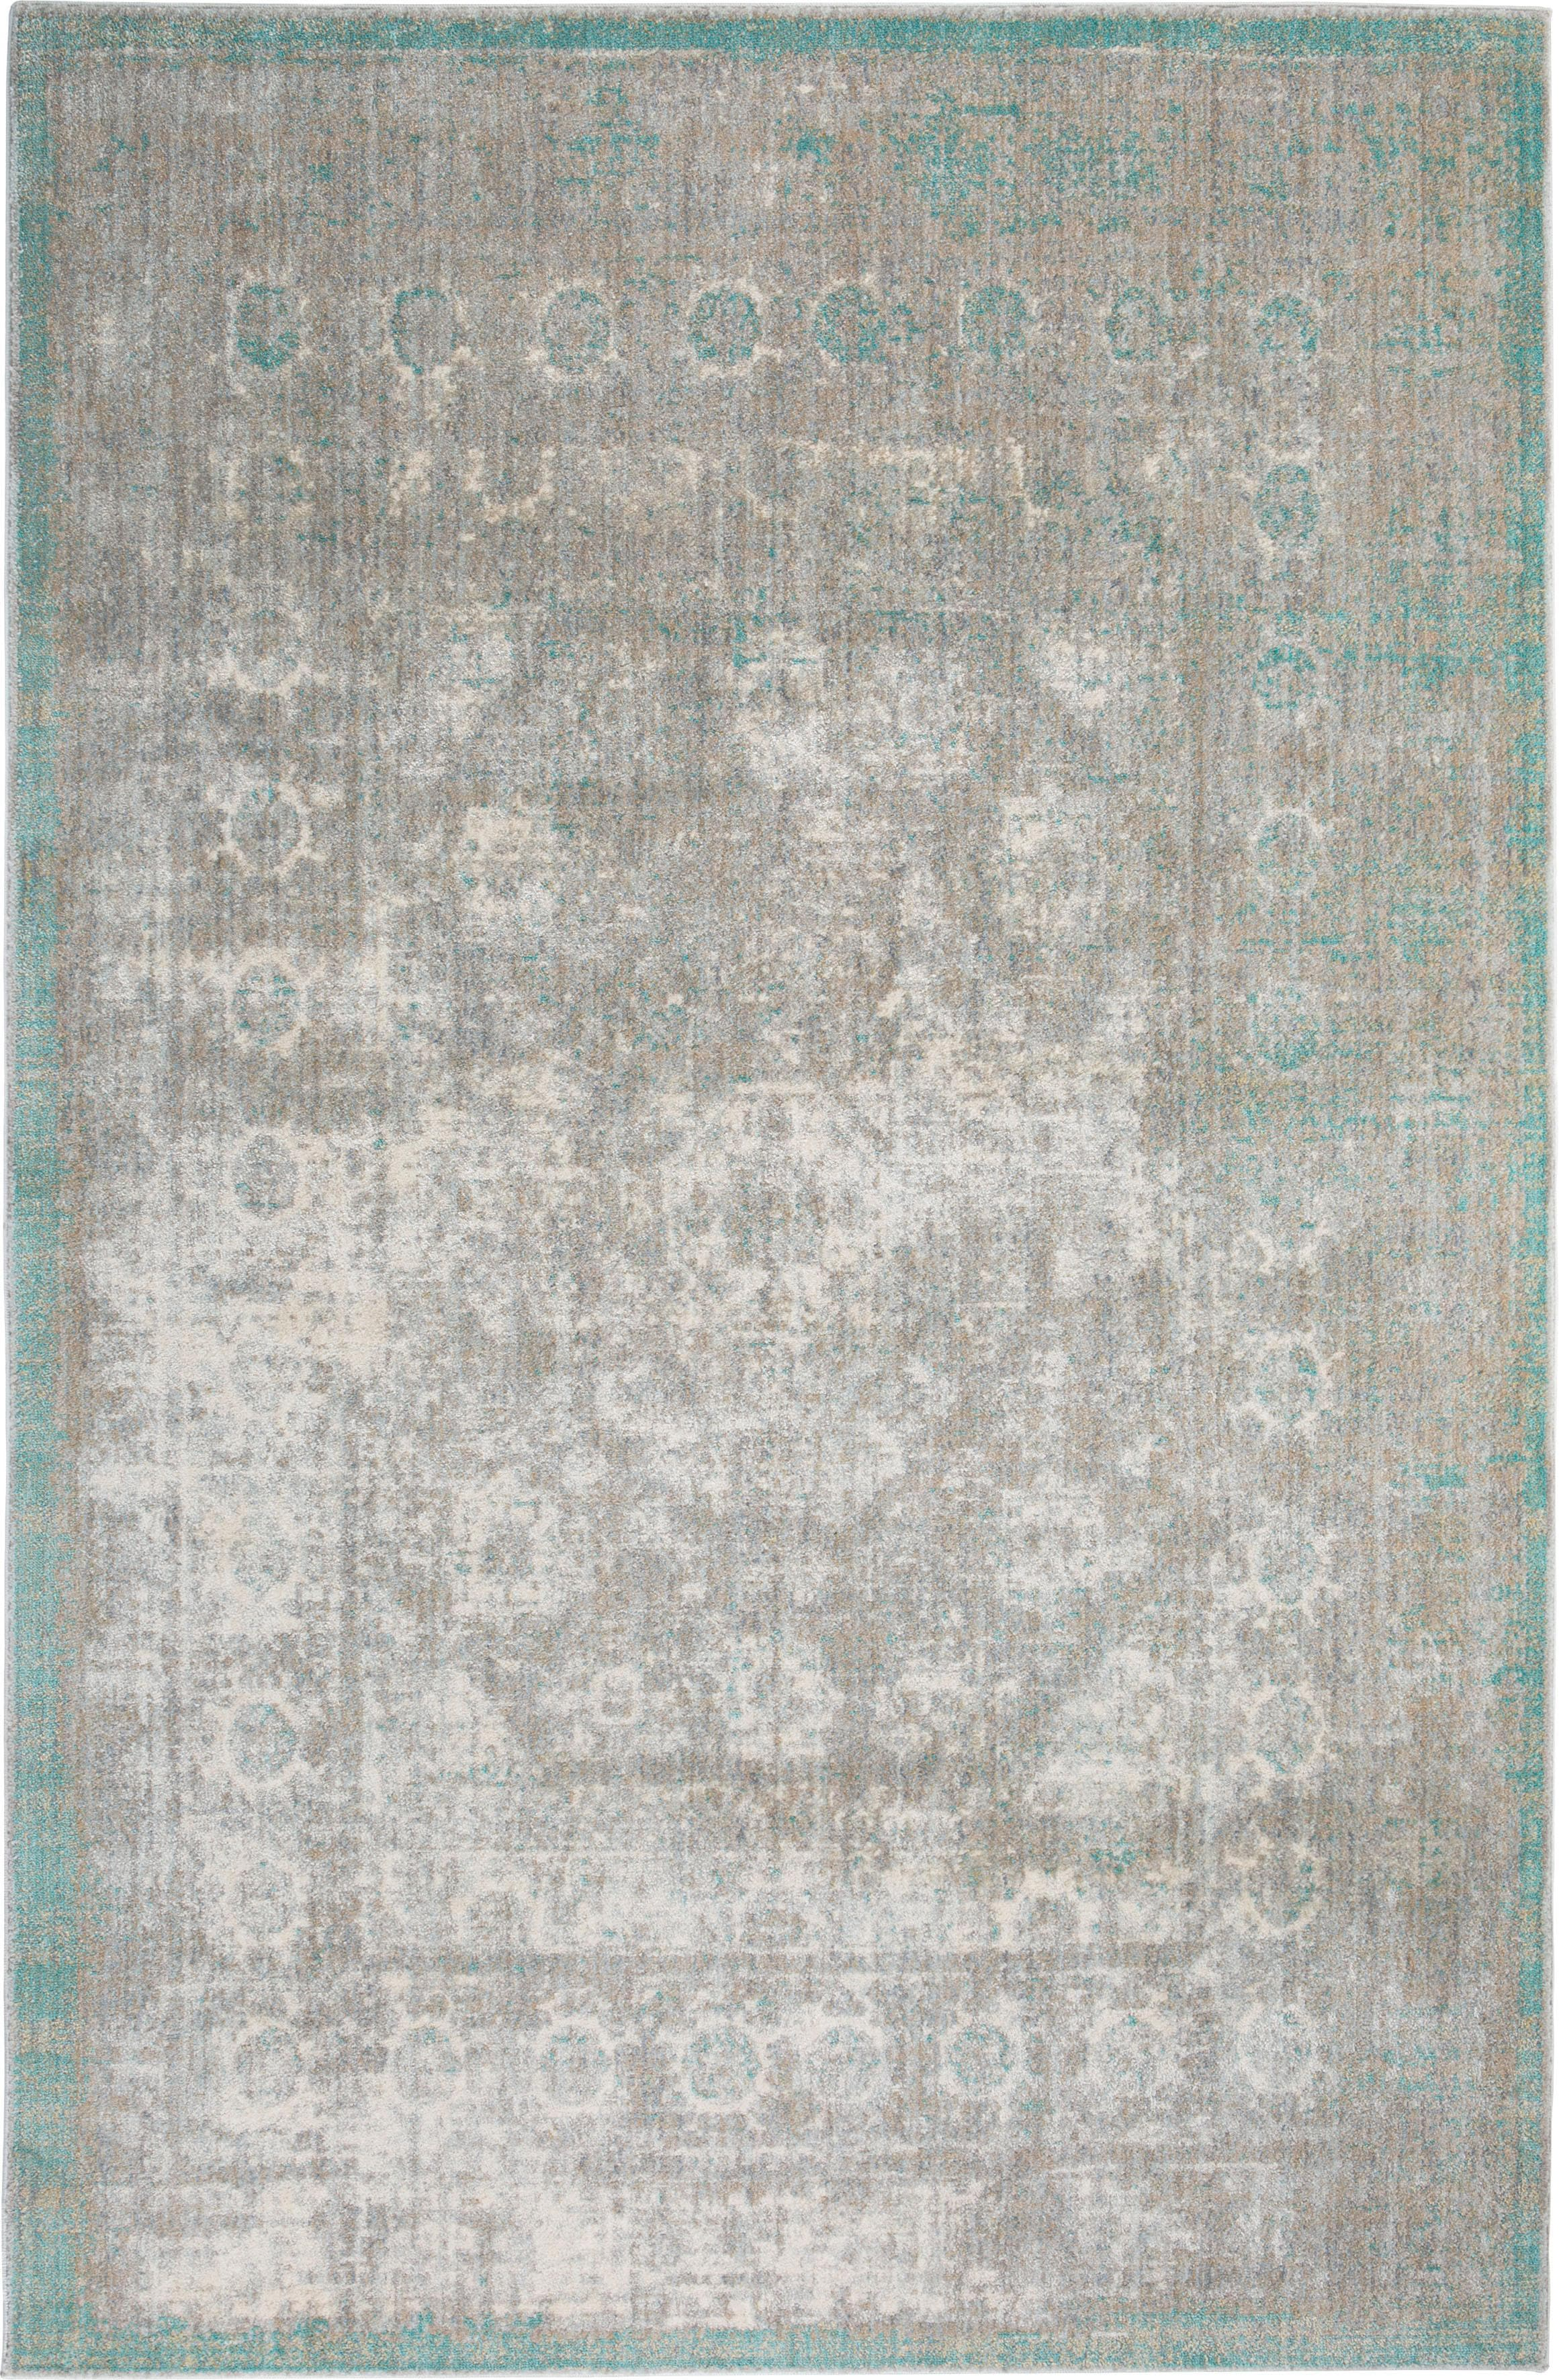 Teppich Belcanto 2 LUXOR living rechteckig Höhe 13 mm maschinell gewebt